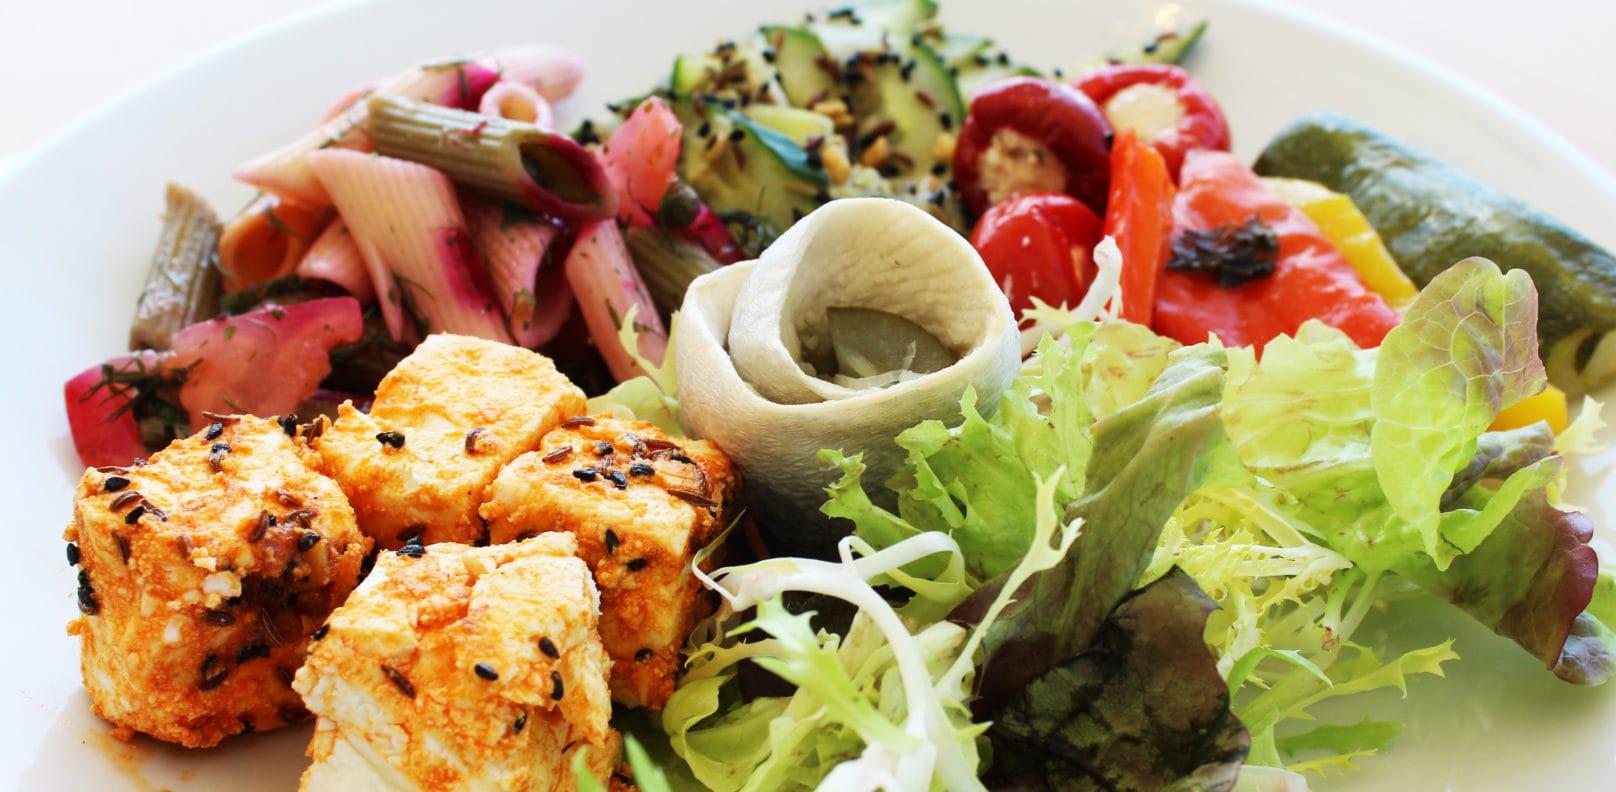 Medana Mediterranean Food